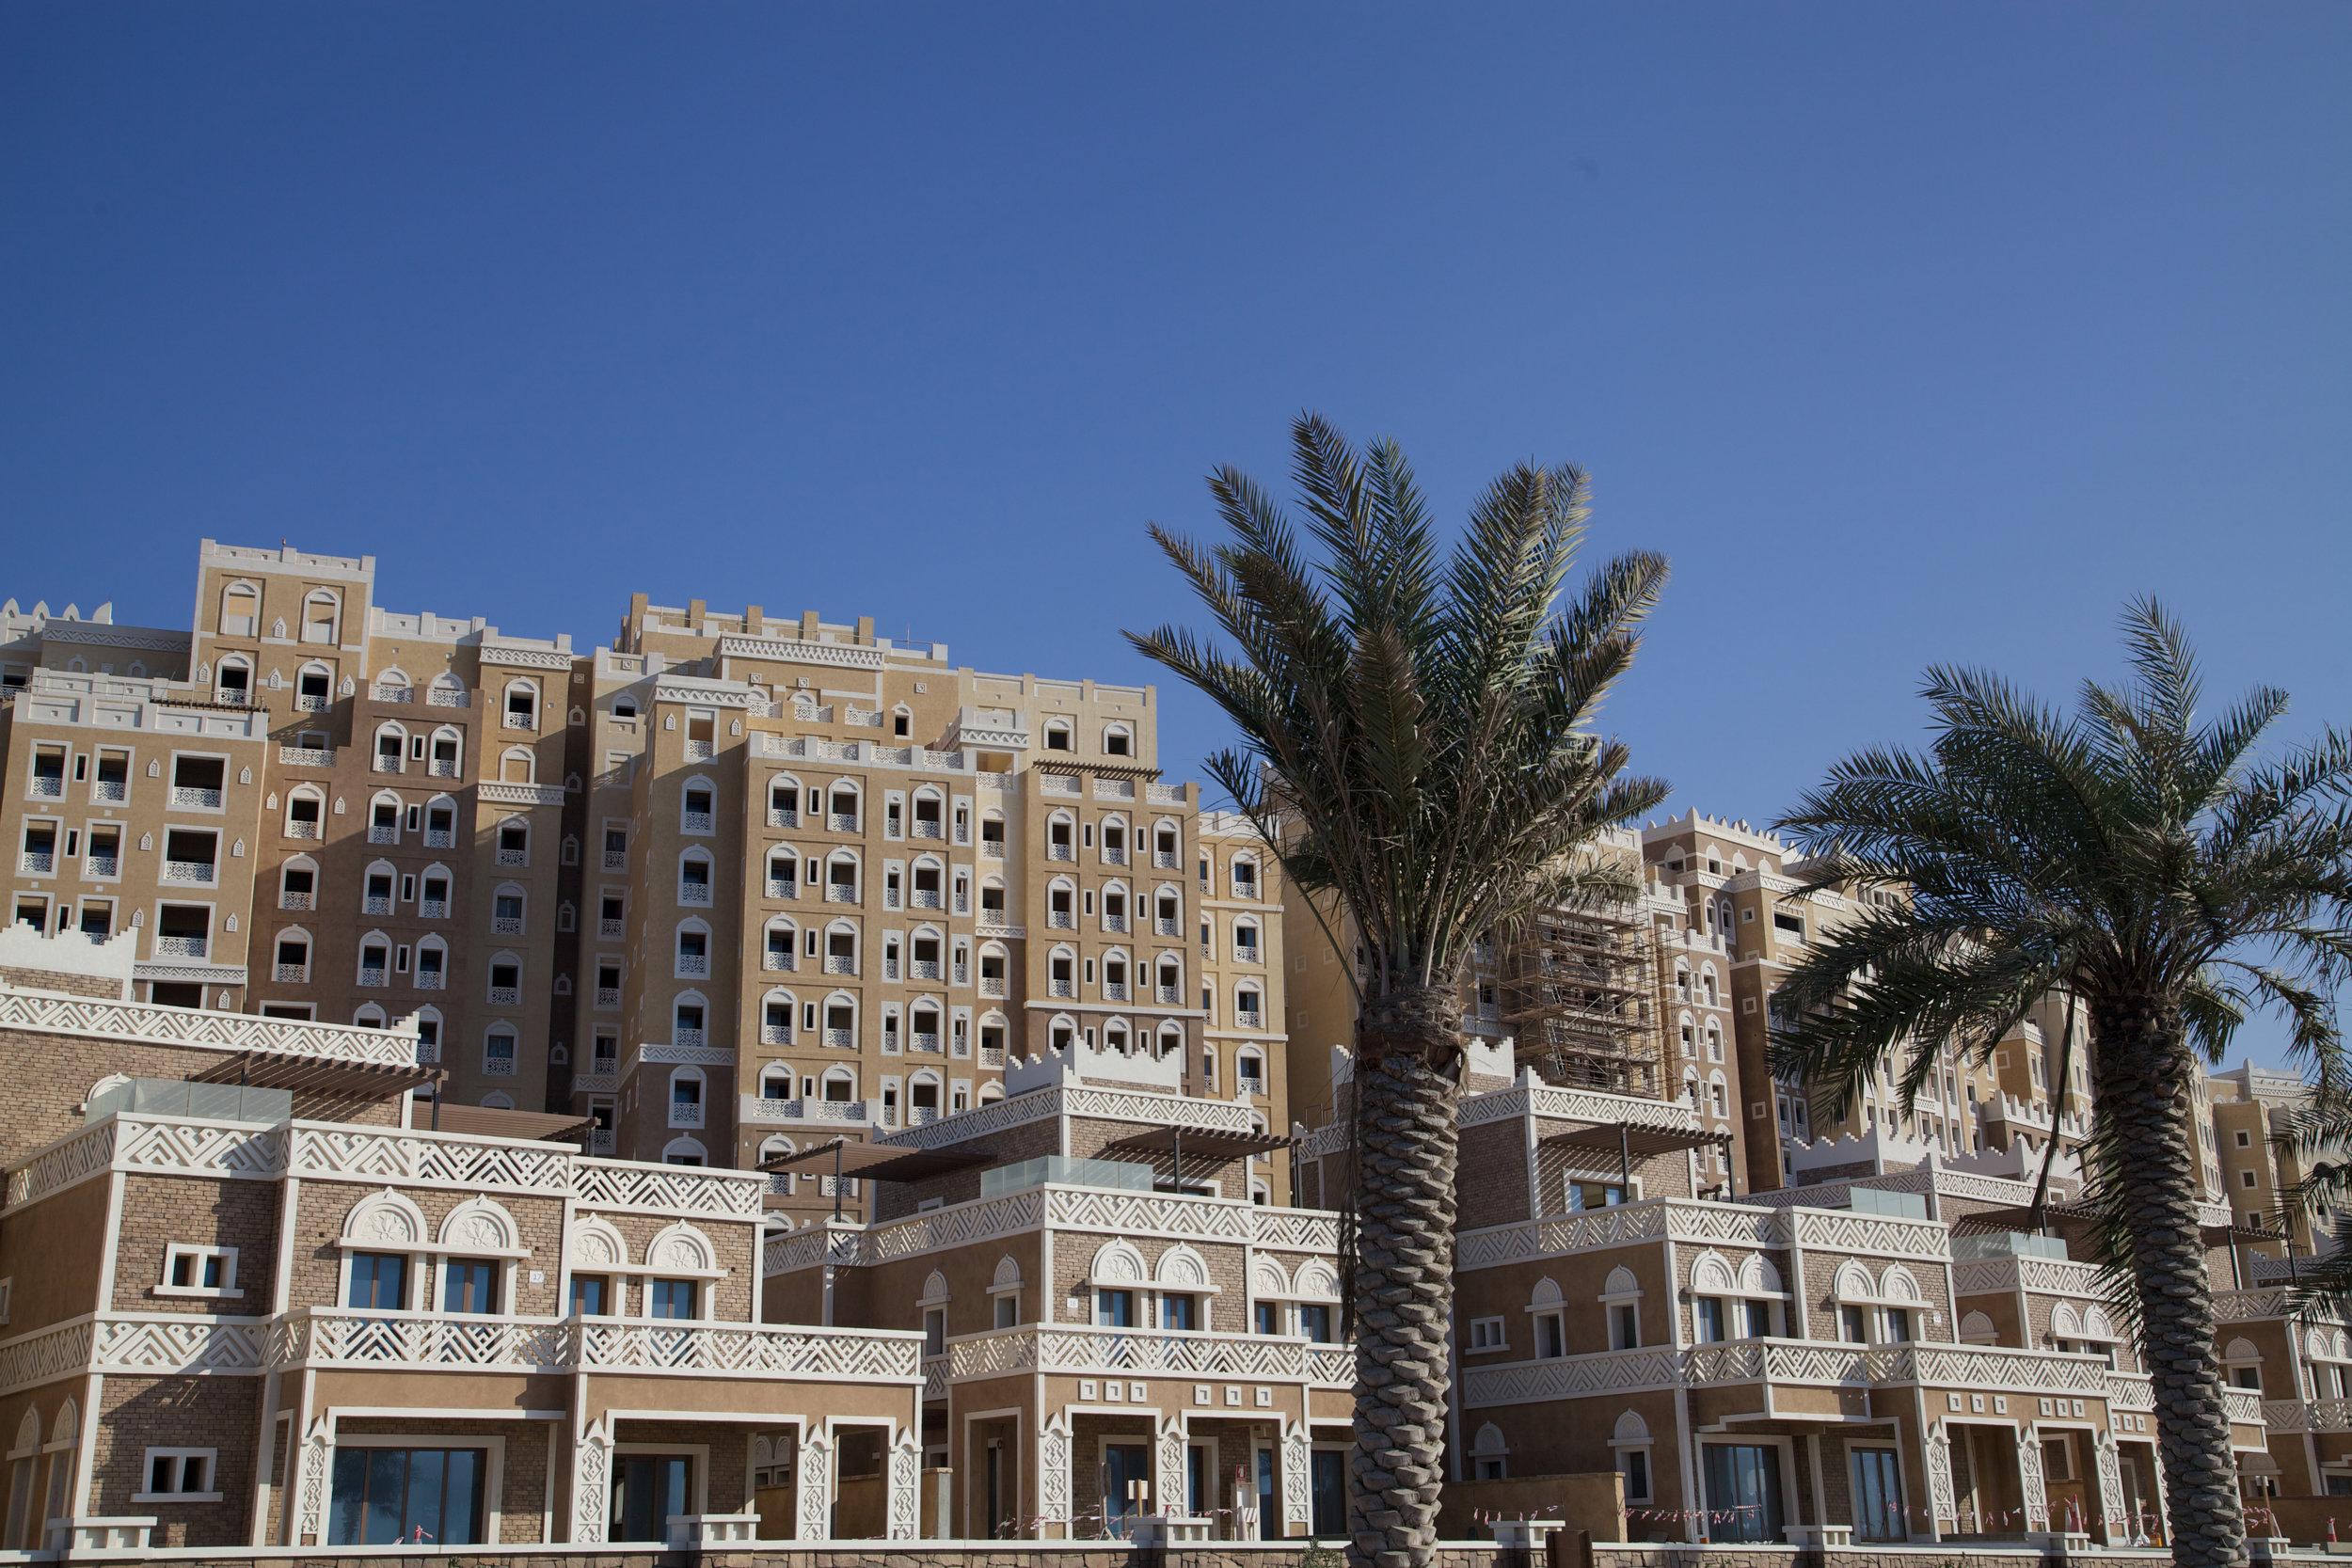 仿阿拉伯伊斯兰建筑风格的现代公寓酒店